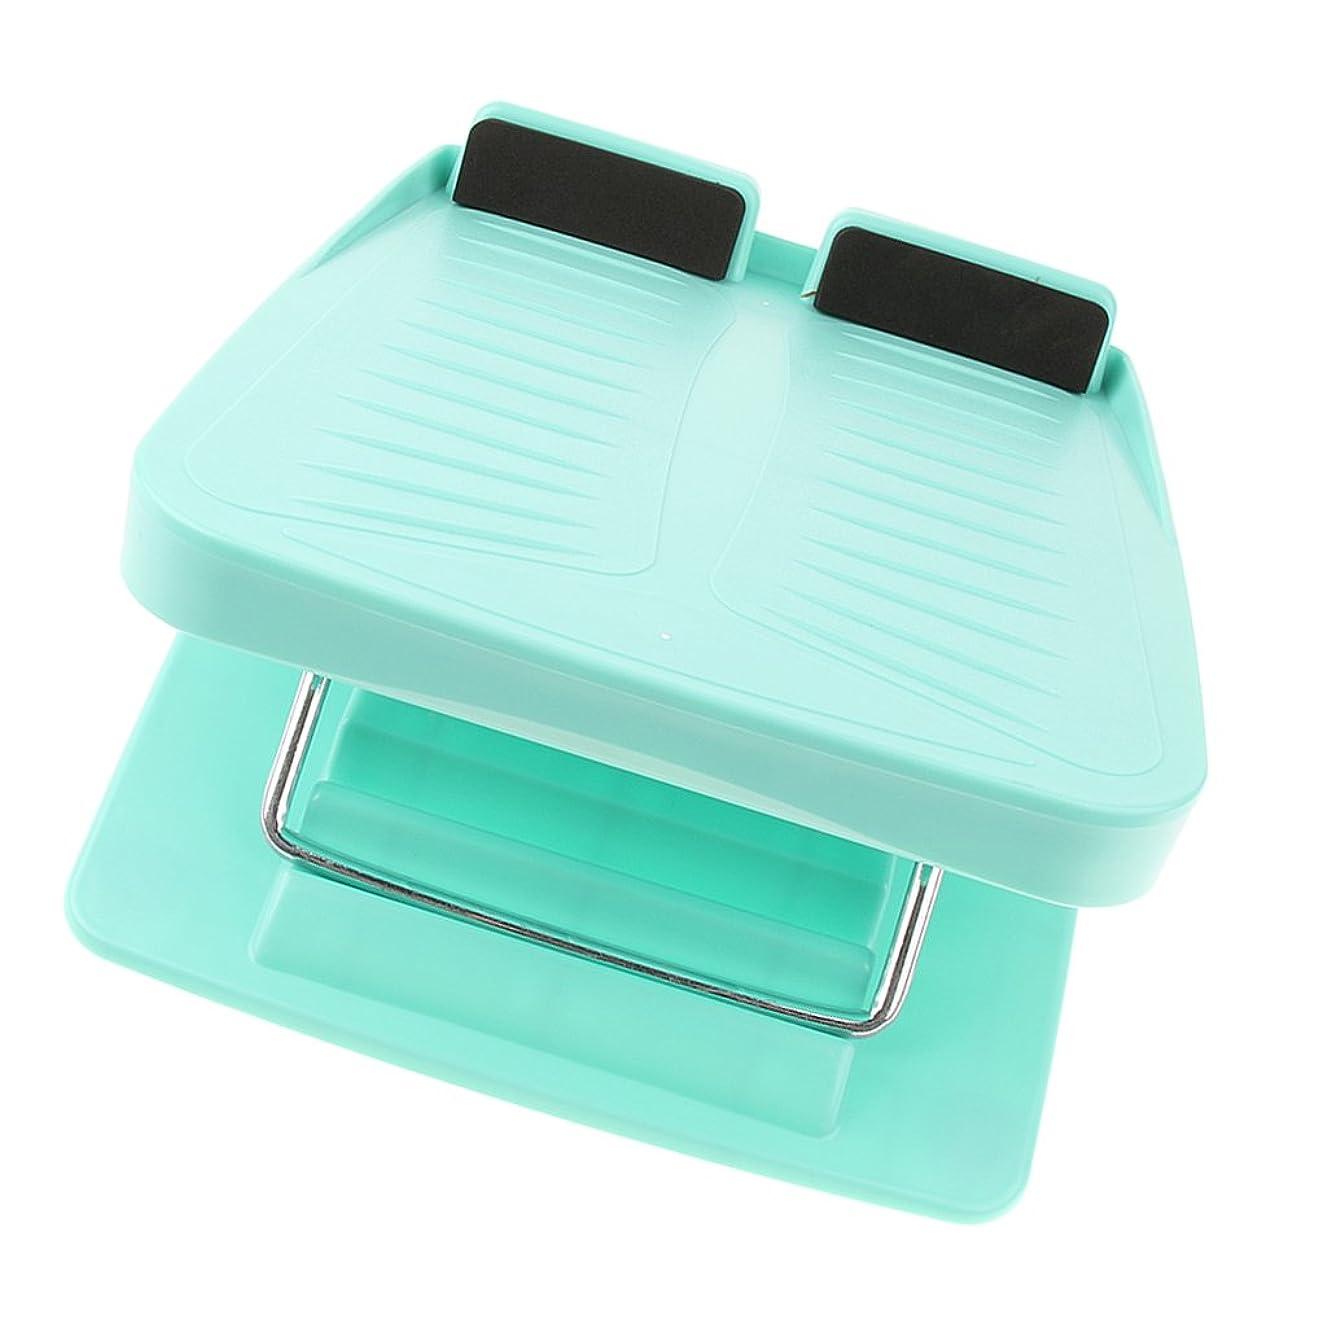 叱るすり減る破滅的なsharprepublic 調整可能 スラントボード アンチスリップ カーフストレッチ 斜面ボード ウェッジストレッチャー 3色 - 青